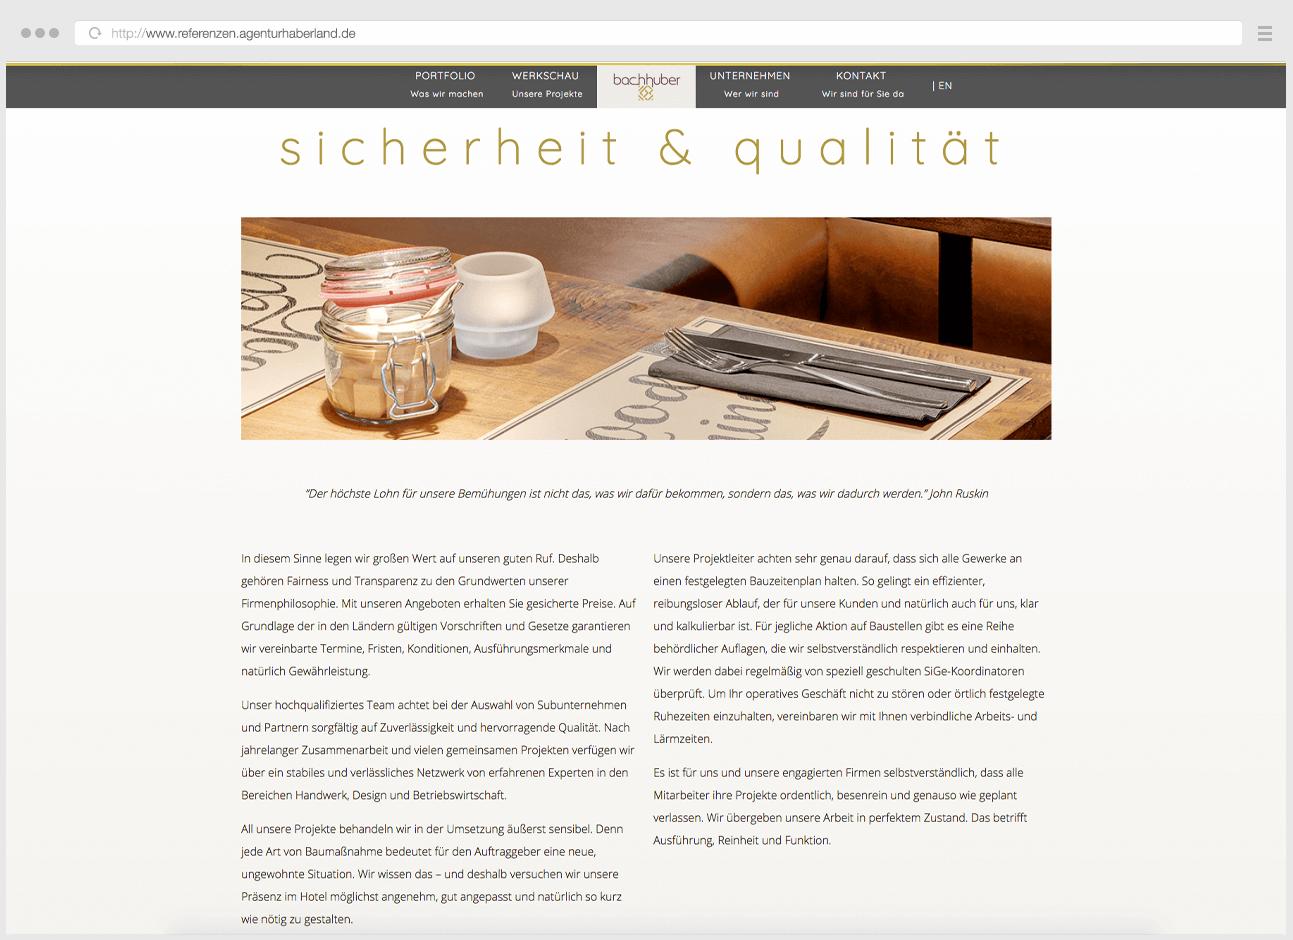 Webdesign Eggenfelden - Haberland - Sicherheit und Qualität